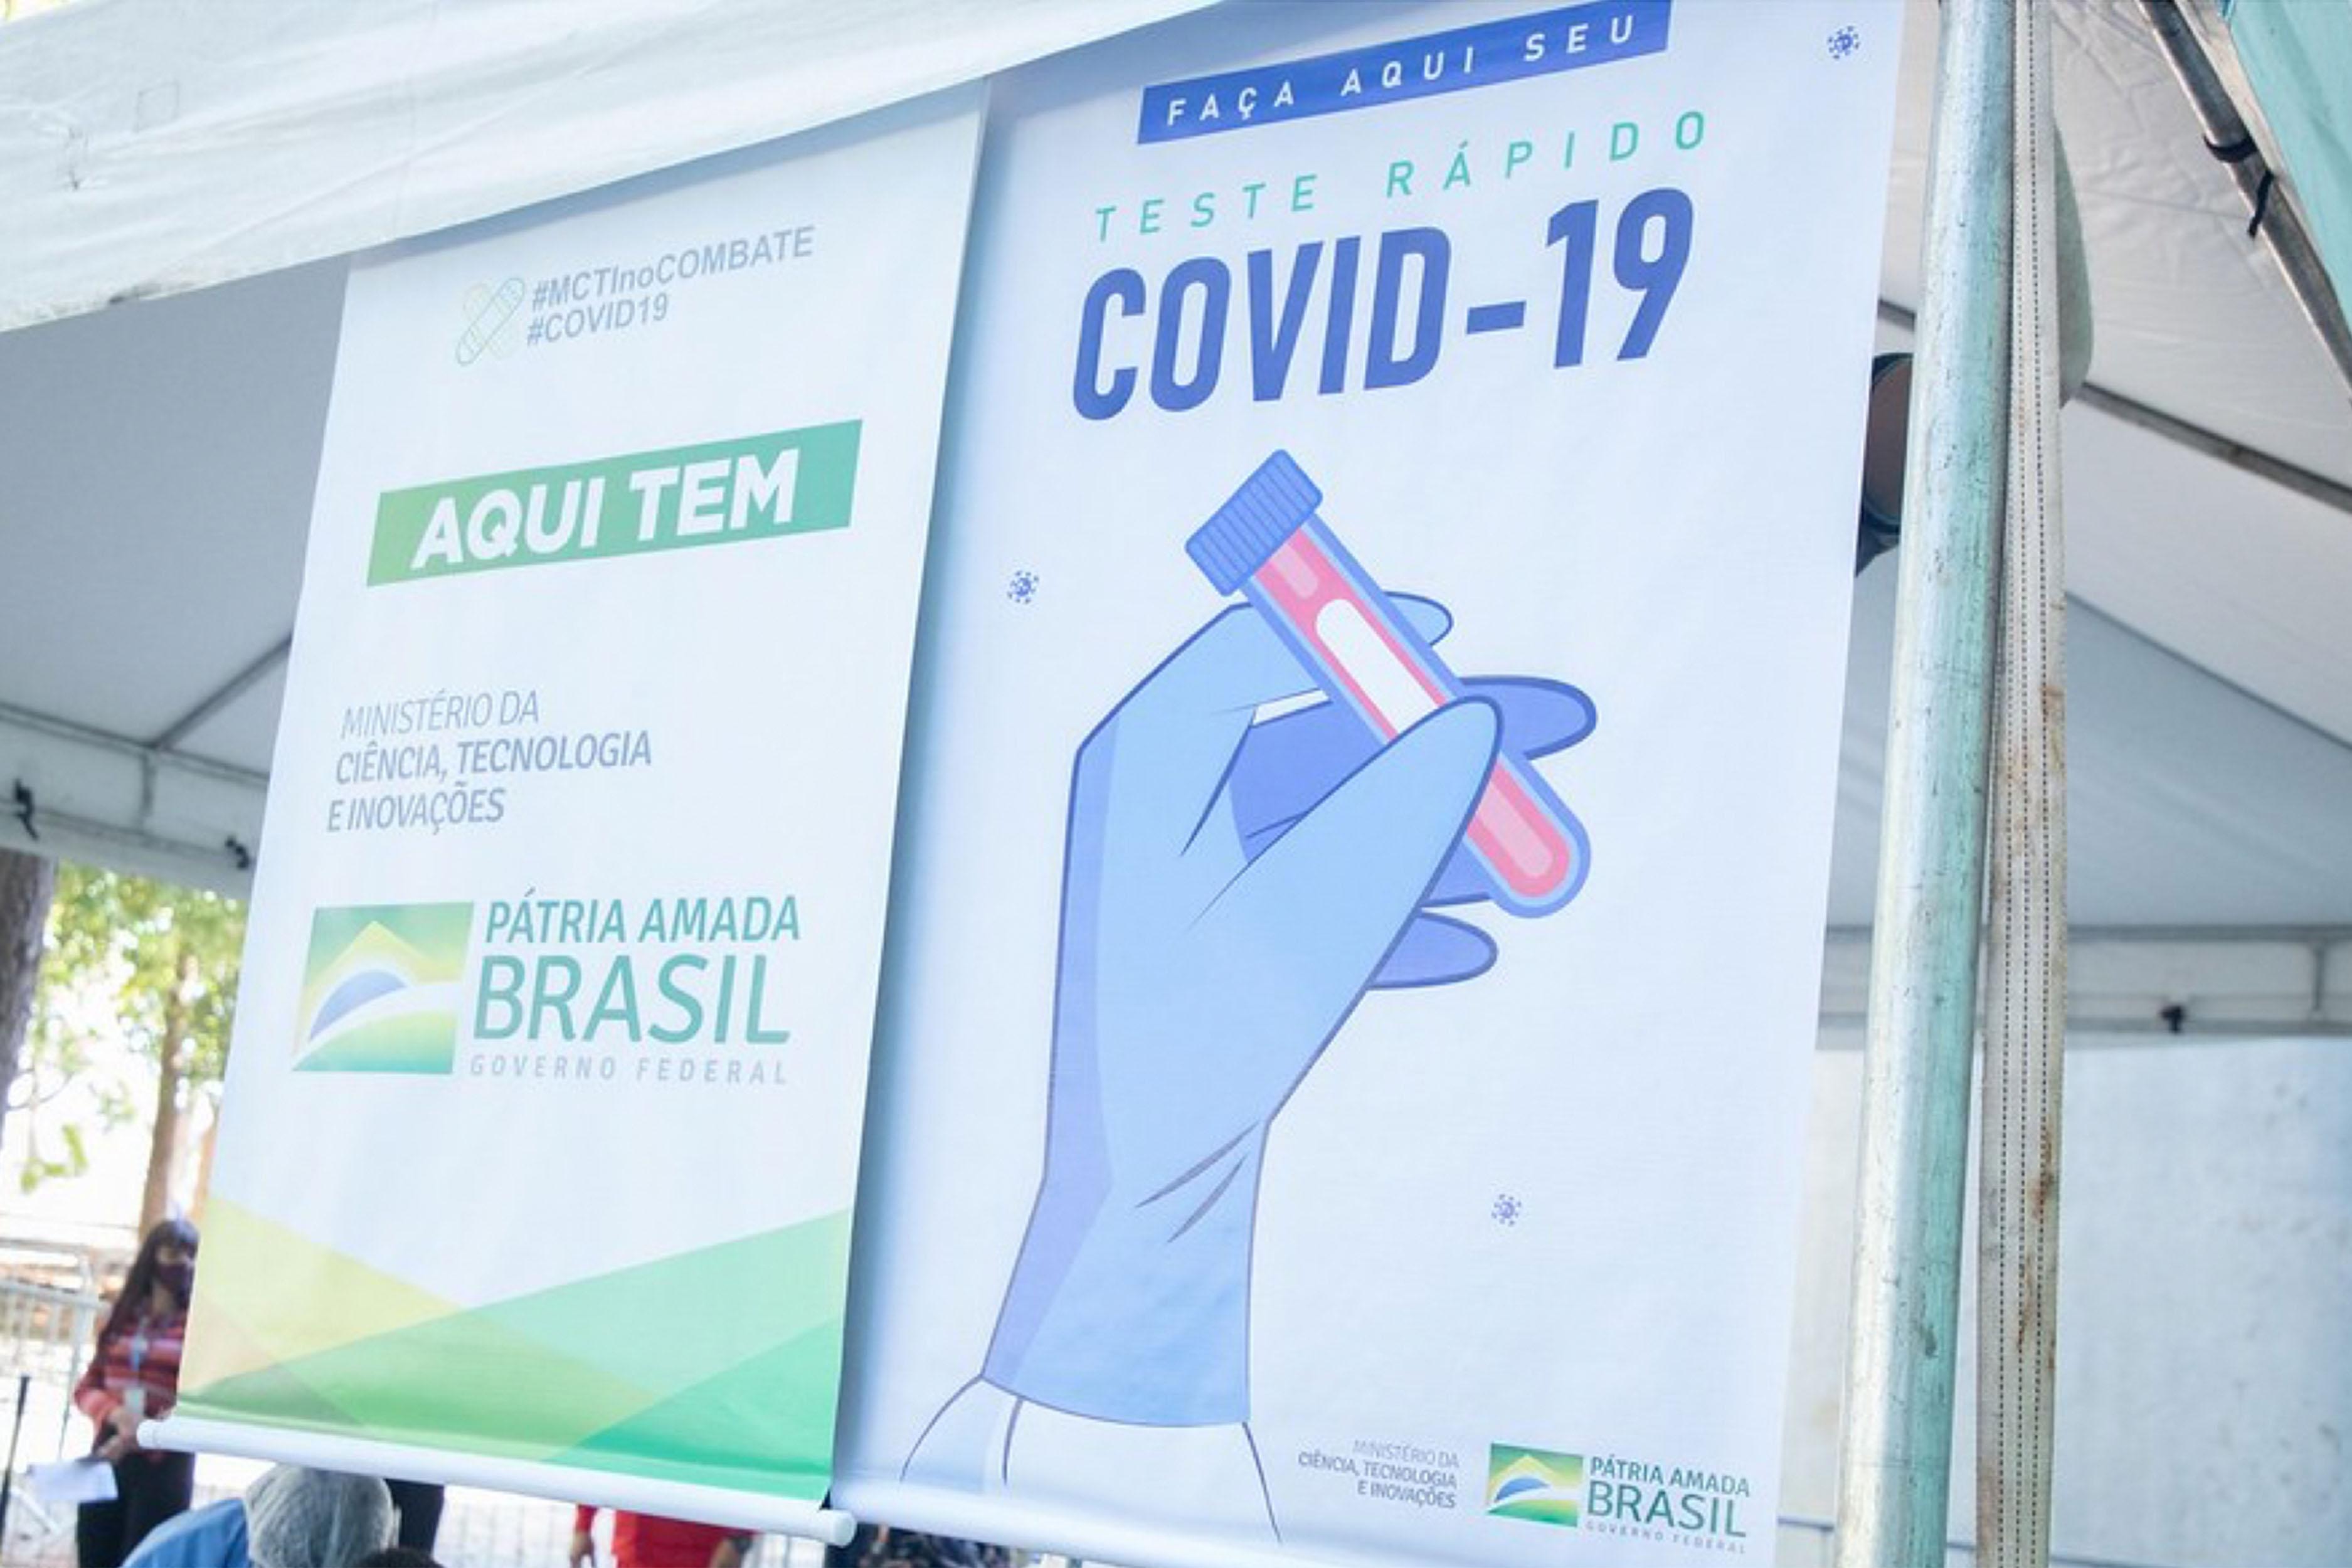 """la foto a colori mostra un poster in Brasile con la scritta """"teste rapido covid 19"""""""